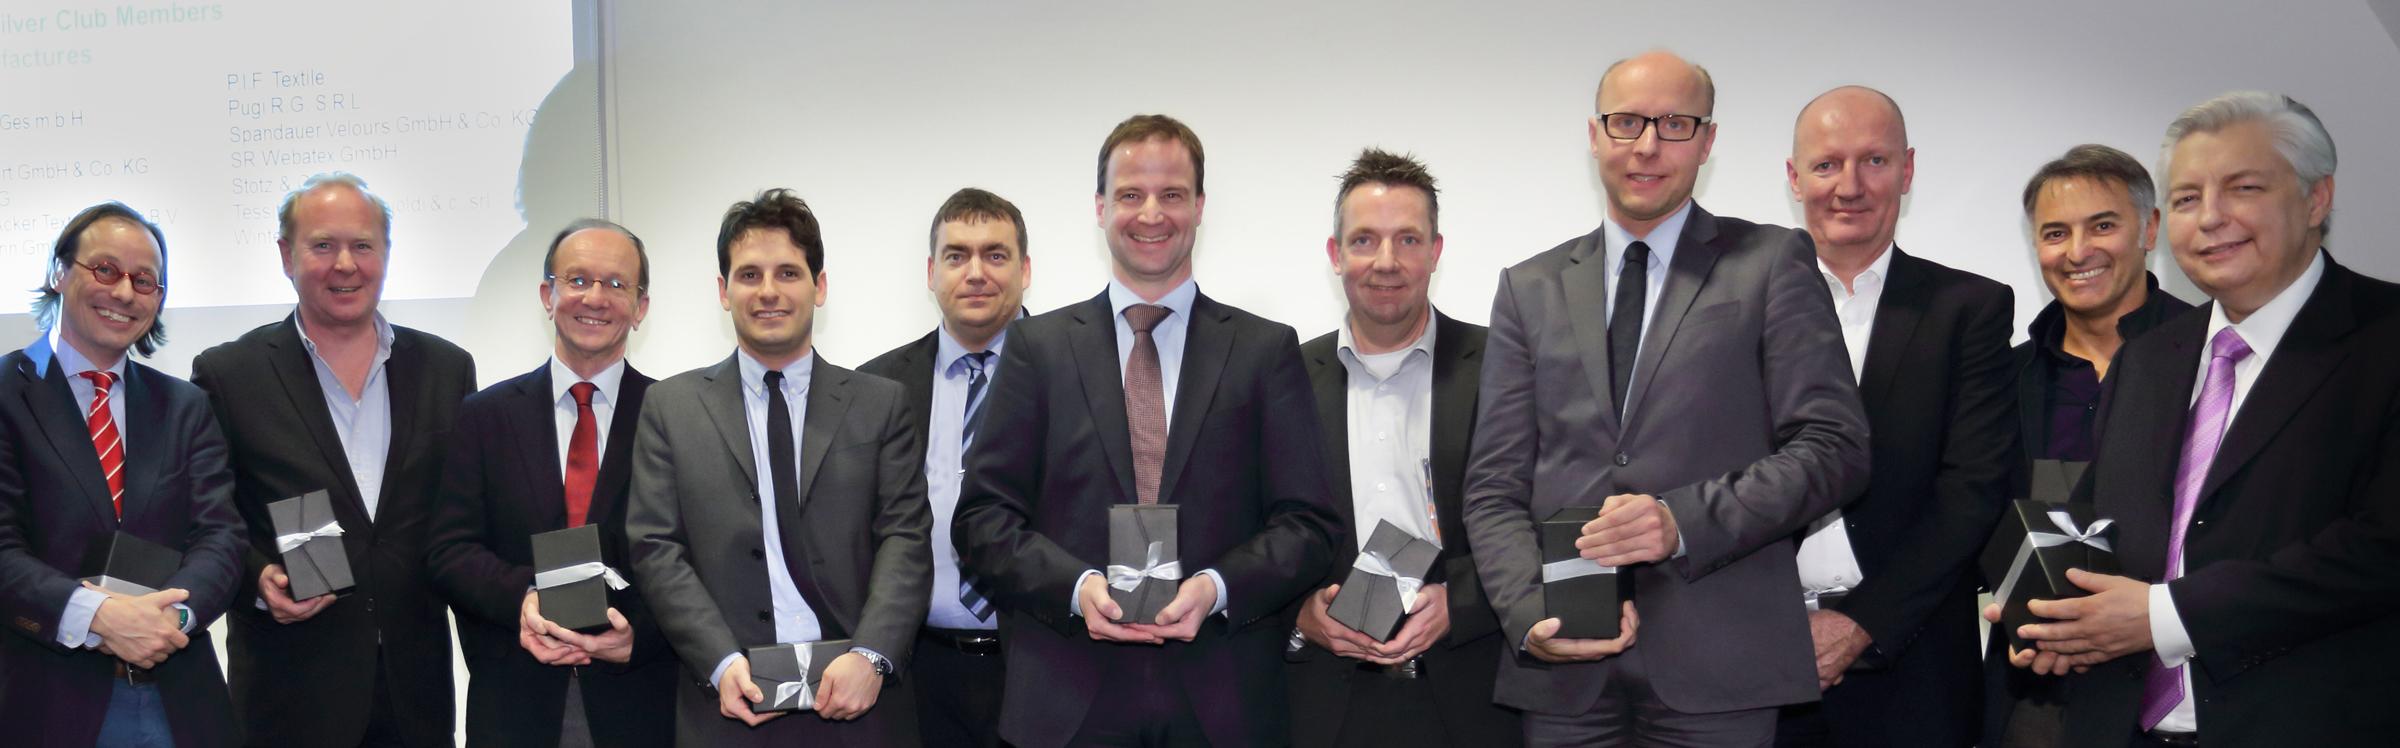 Baumann Dekor Trevira Silber Member Club Award